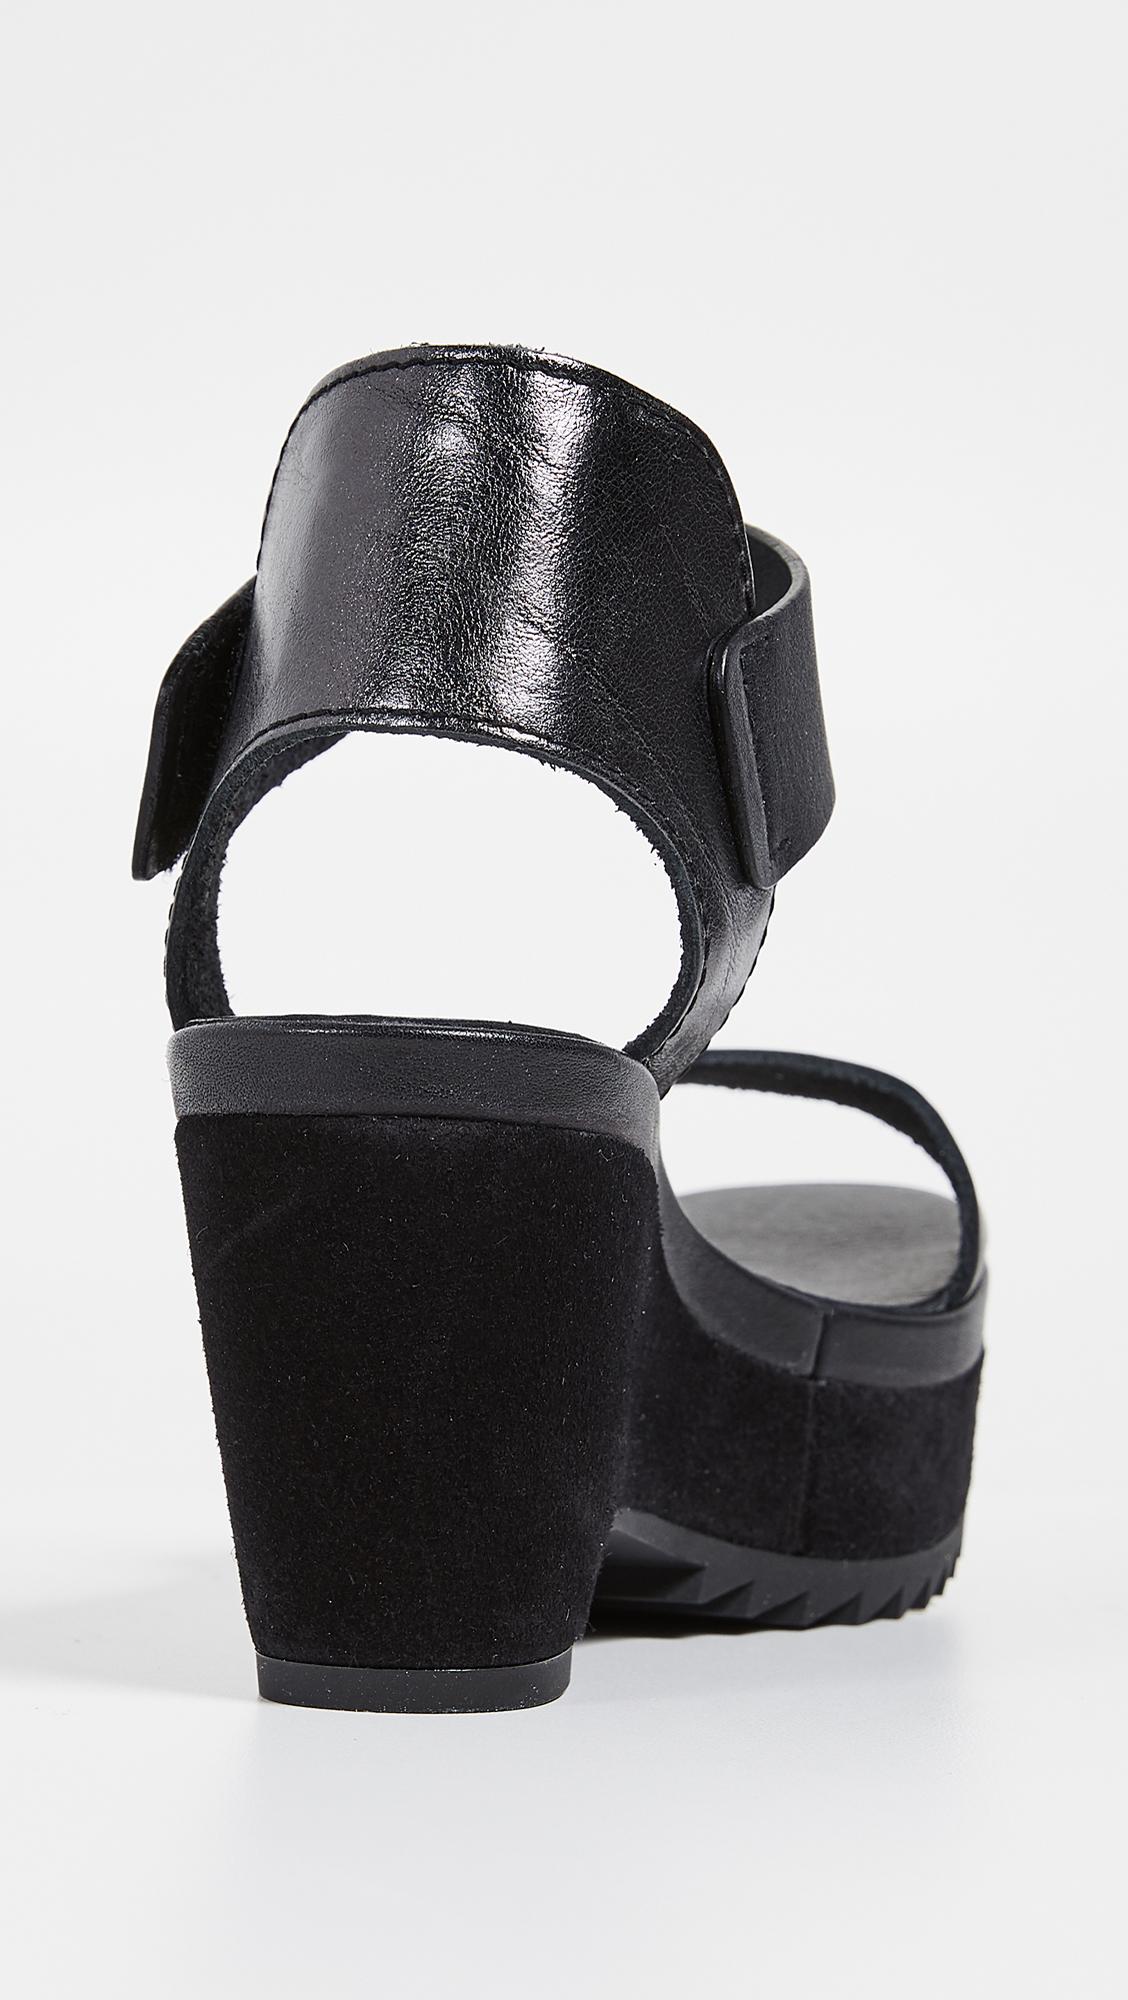 c9219b4cf3c Pedro Garcia Franses Wedge Sandals